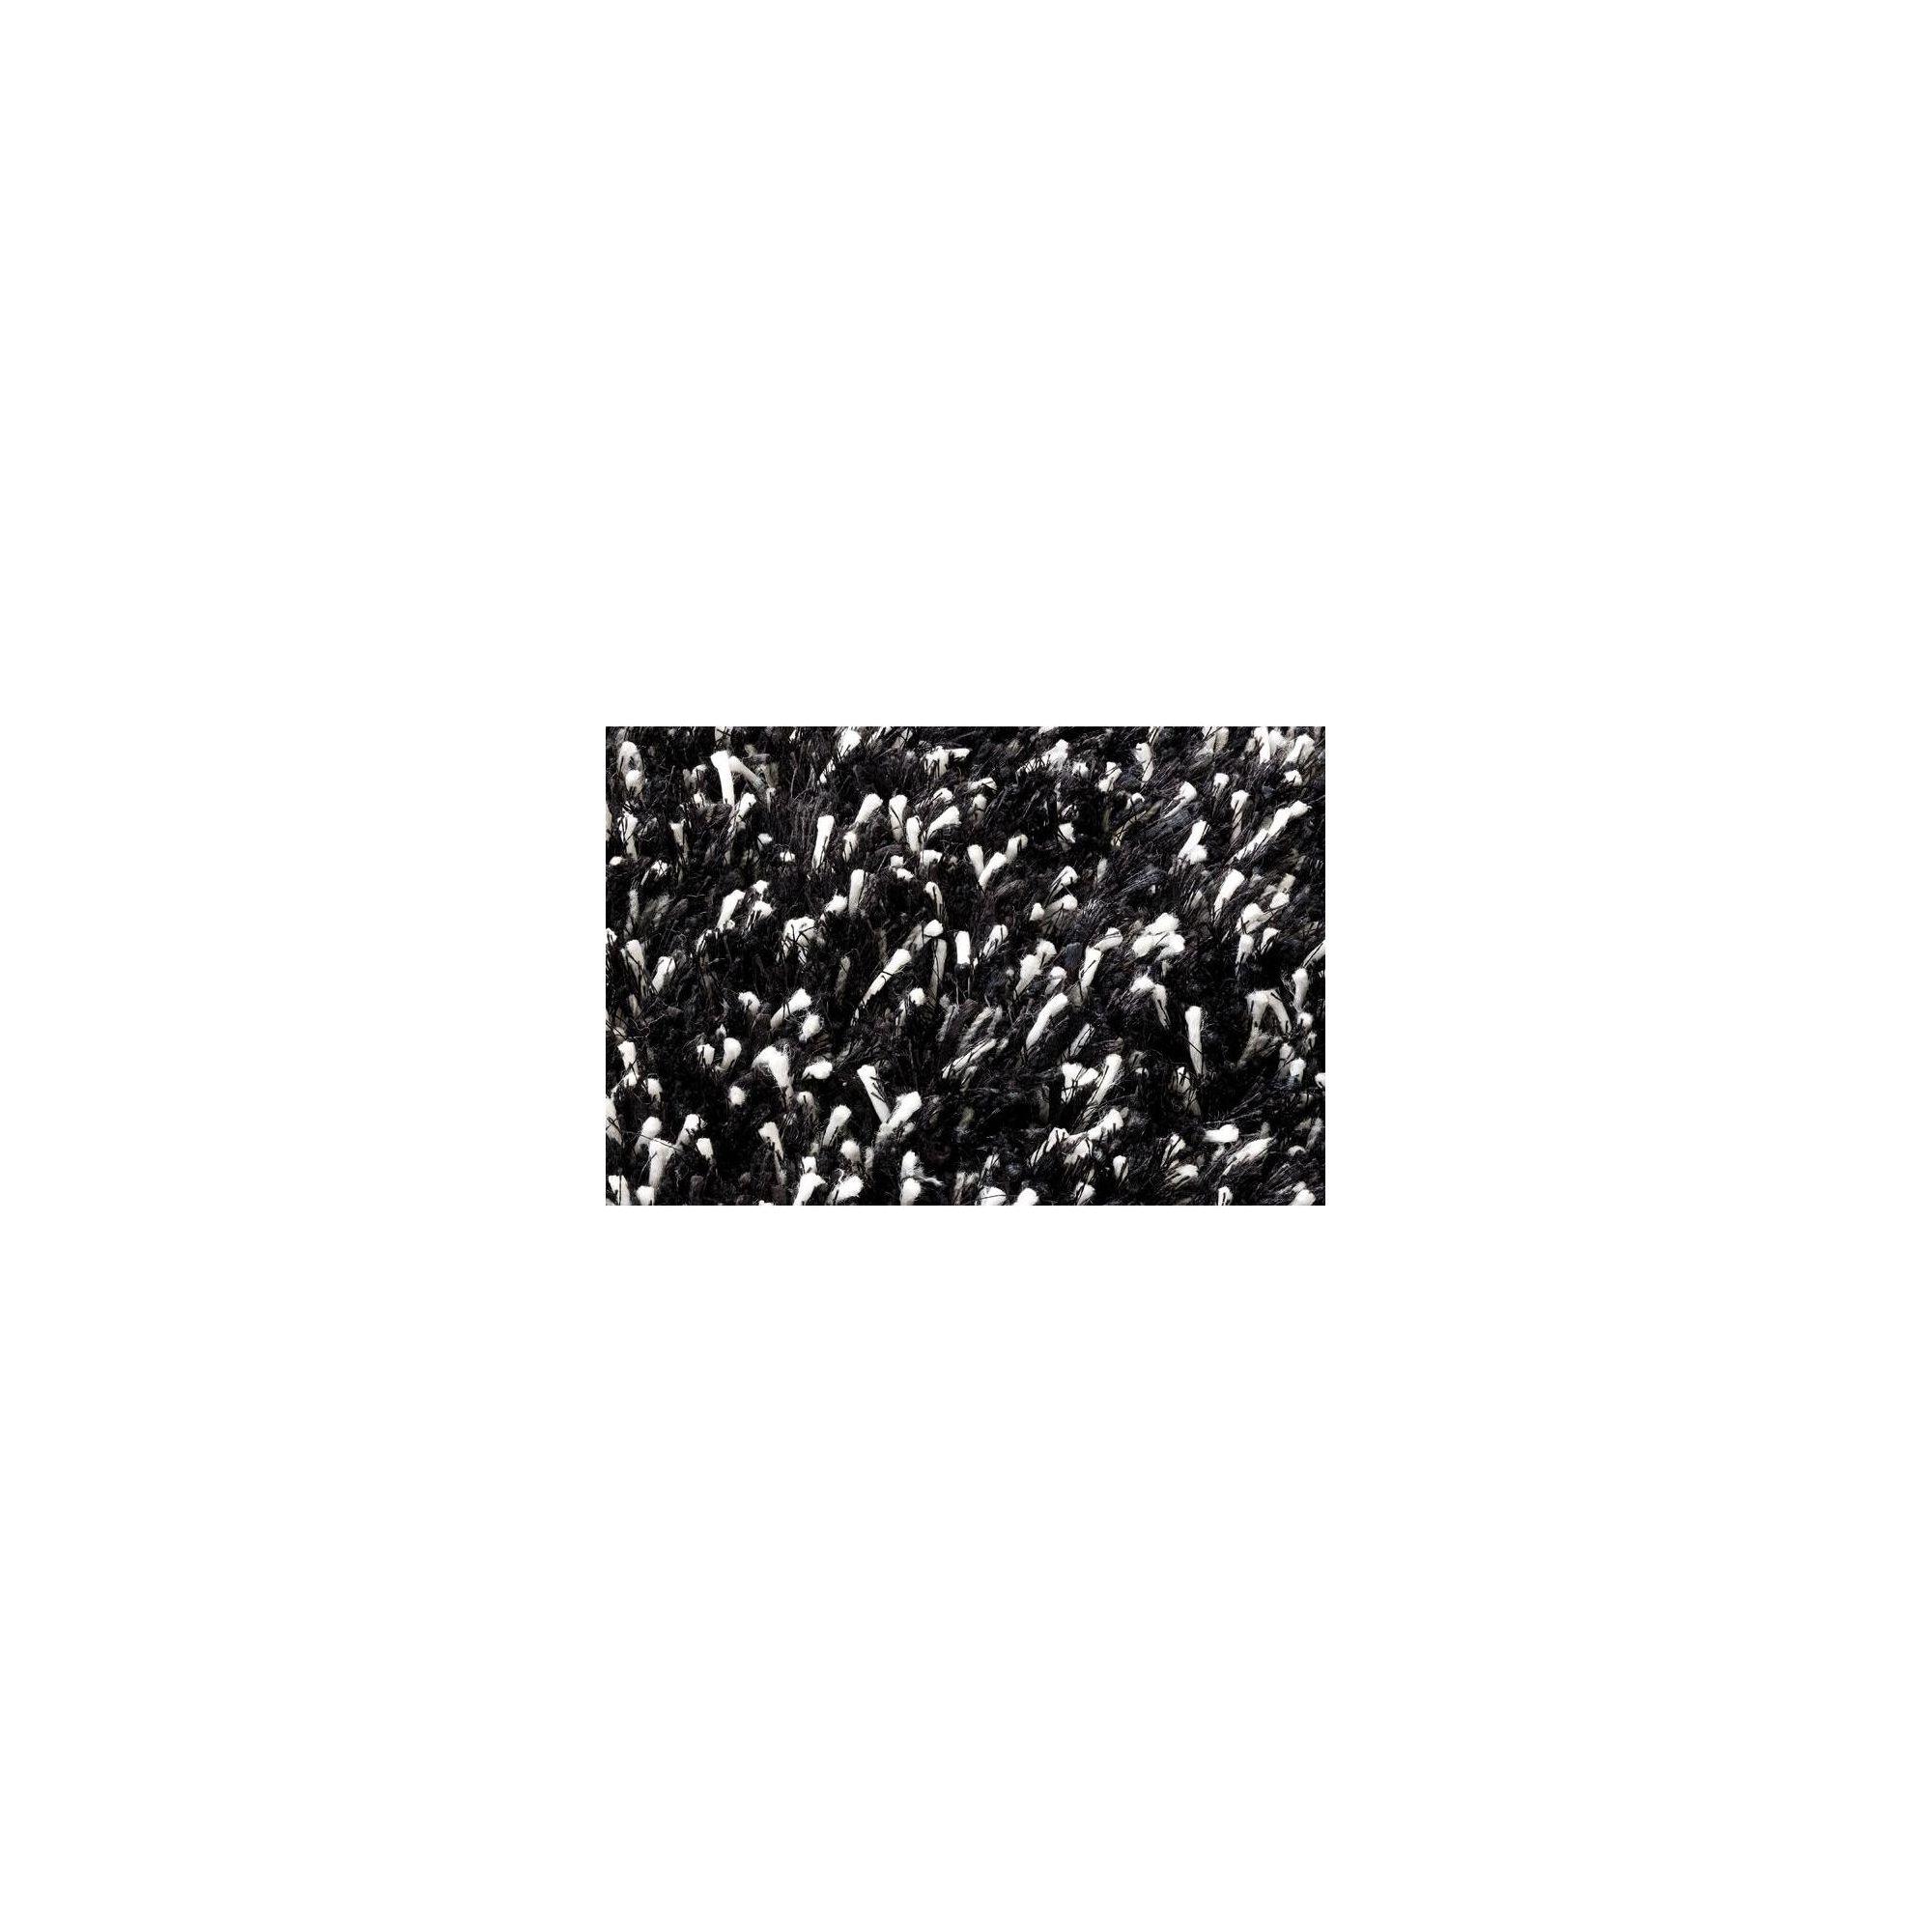 Linie Design Ronaldo Black Shag Rug - 200cm x 140cm at Tesco Direct